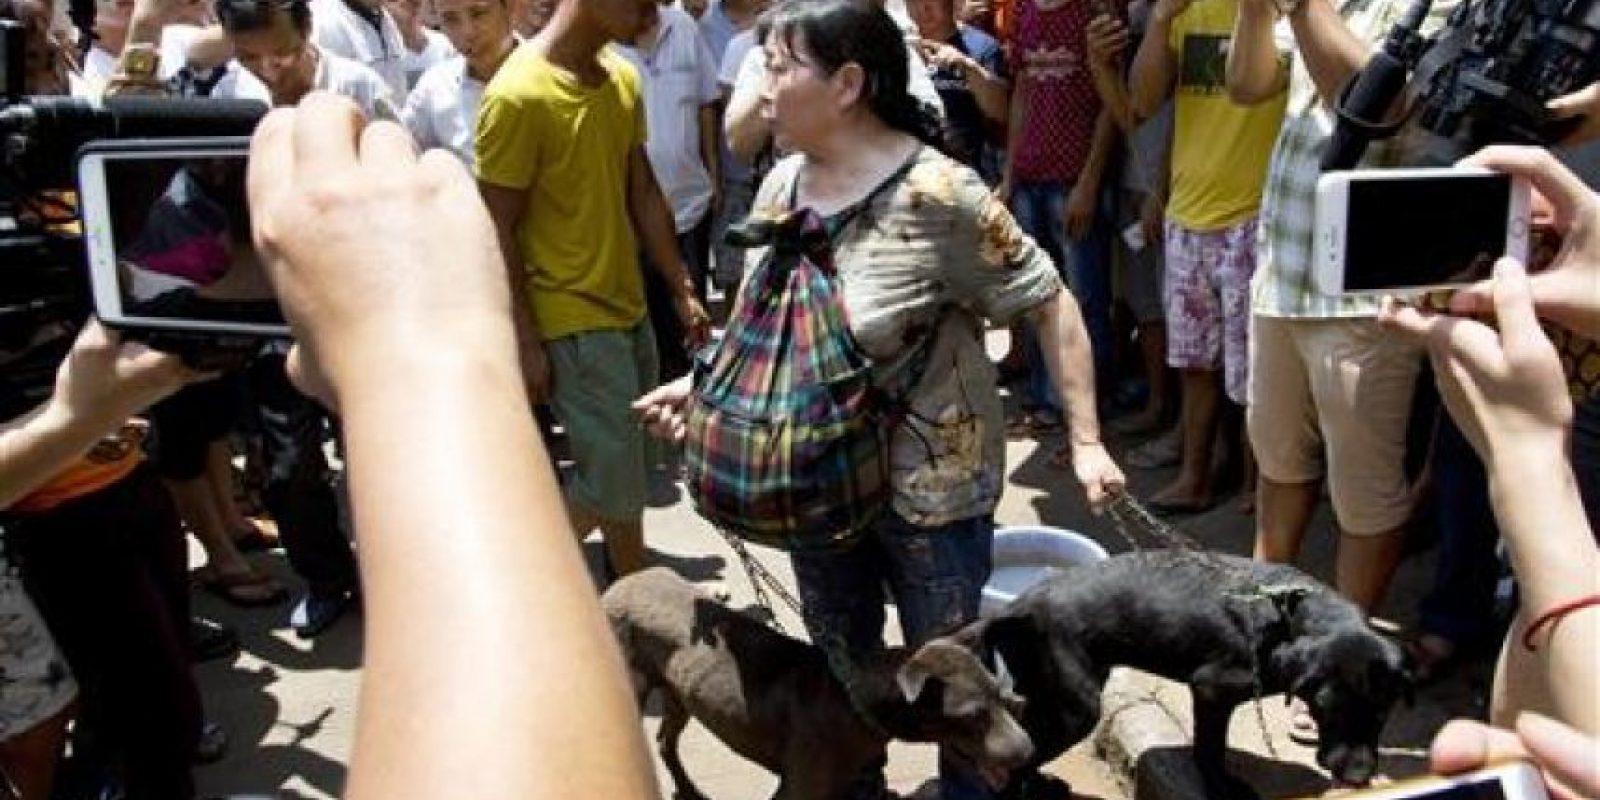 """Los activistas piden terminar con esta práctica """"bárbara y cruel"""" Foto:AP"""